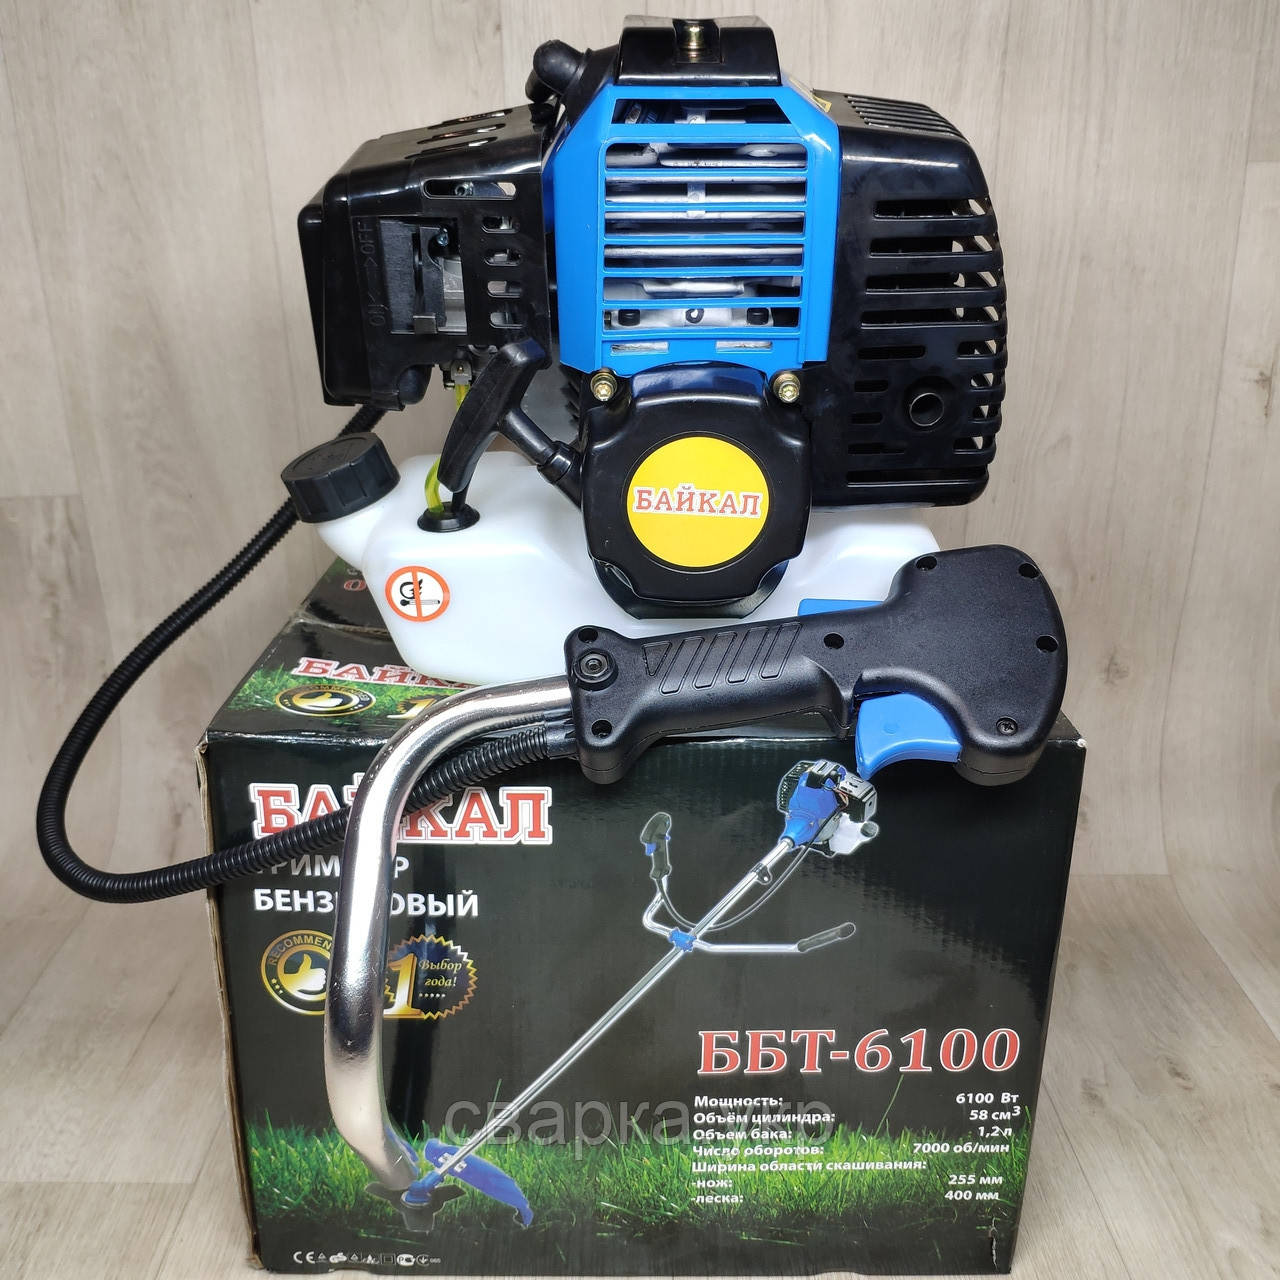 Бензокоса Байкал ББТ-6100 Professional мотокоса